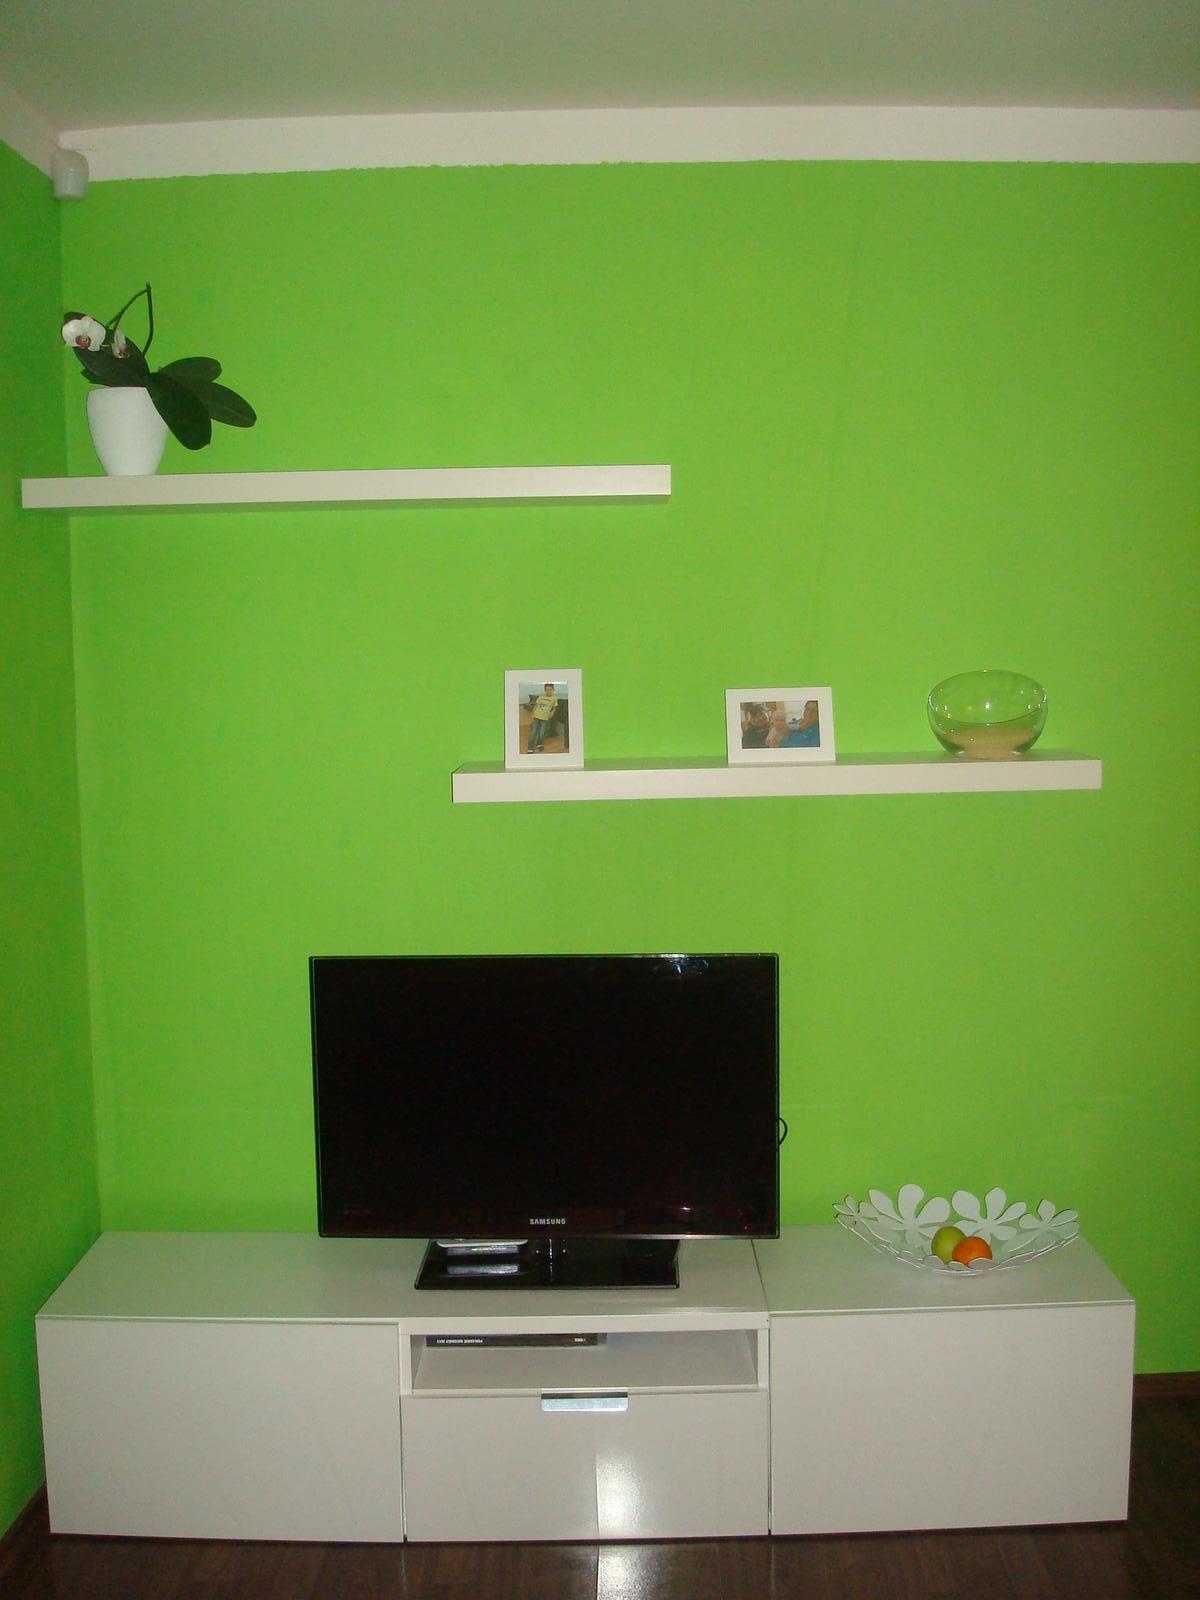 Bydlíme :) - doplněno o poličky, ted jen přemýšlím co tam dát za dekorace - budu ráda za typy